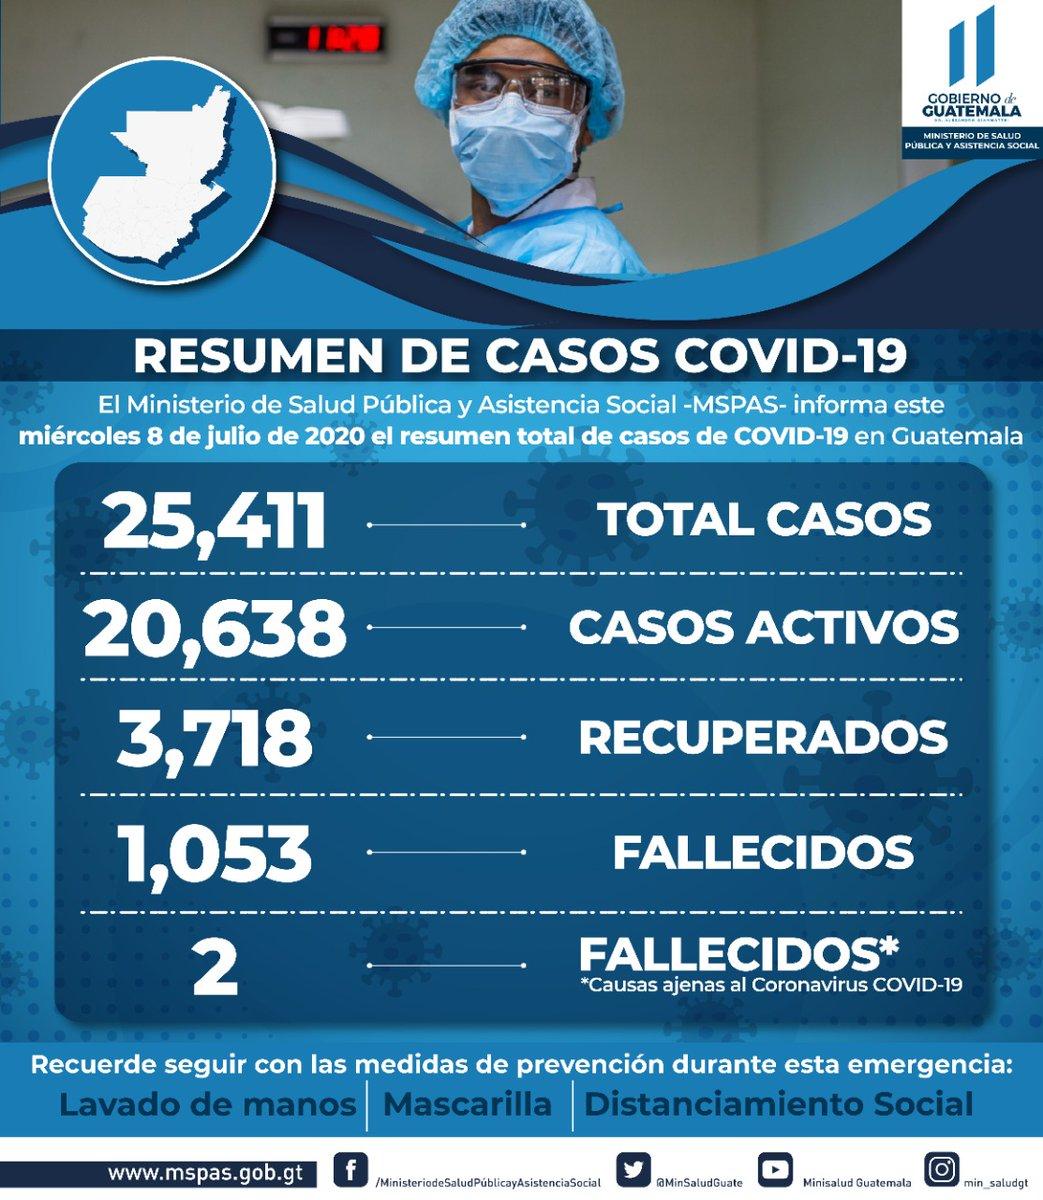 test Twitter Media - #URGENTE El Ministerio de Salud informa sobre actualización de casos COVID-19 que corresponden al martes 7 de julio.624 casos nuevos de COVID-19, 49 personas fallecidas y 143 recuperados. https://t.co/MCCAxYg91G